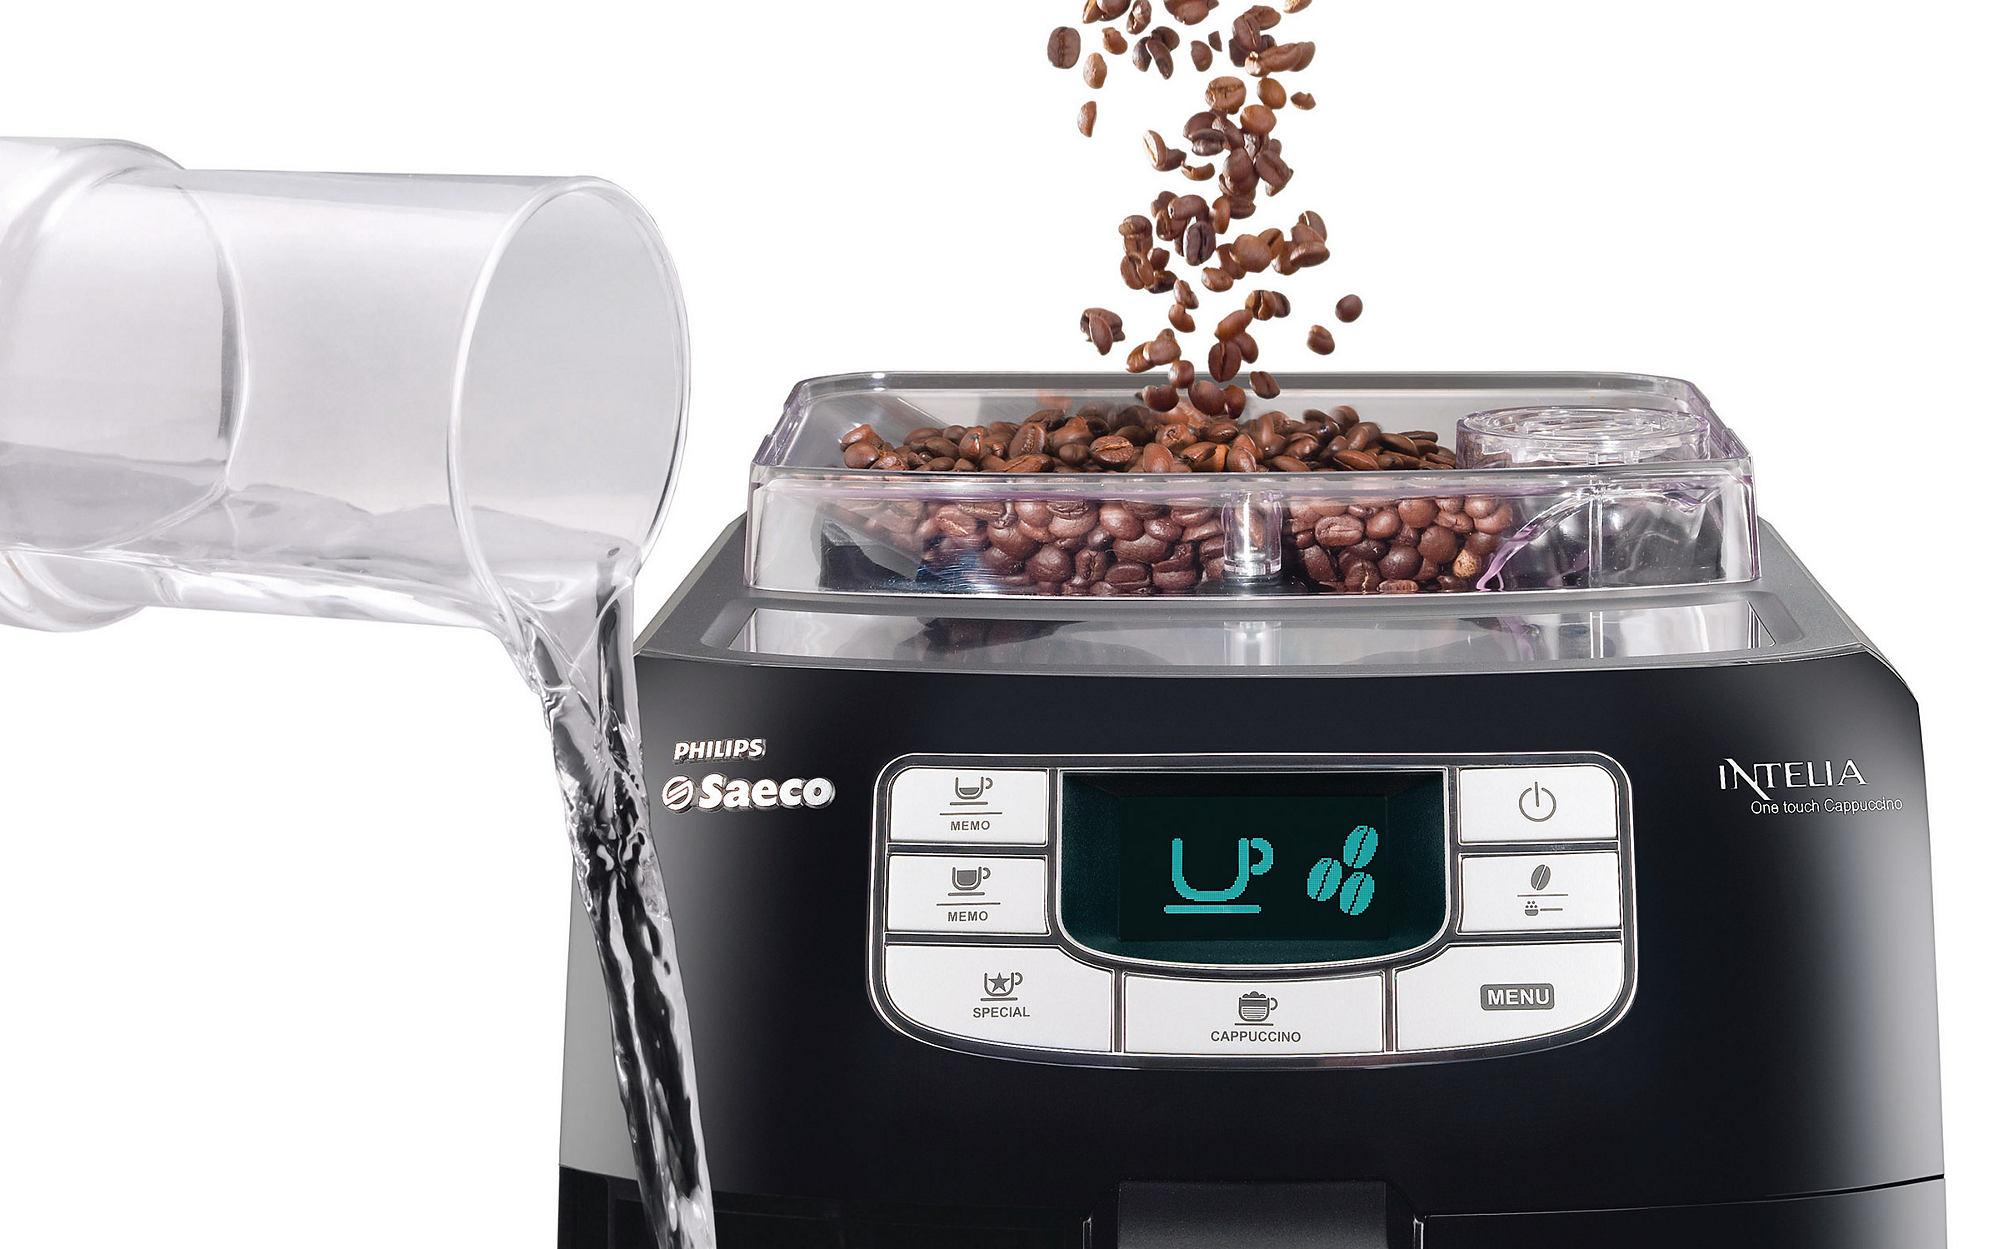 Del rbol del cafeto a la taza de caf proceso del grano hasta convertirse en un caf de - Cafetera con molinillo incorporado ...